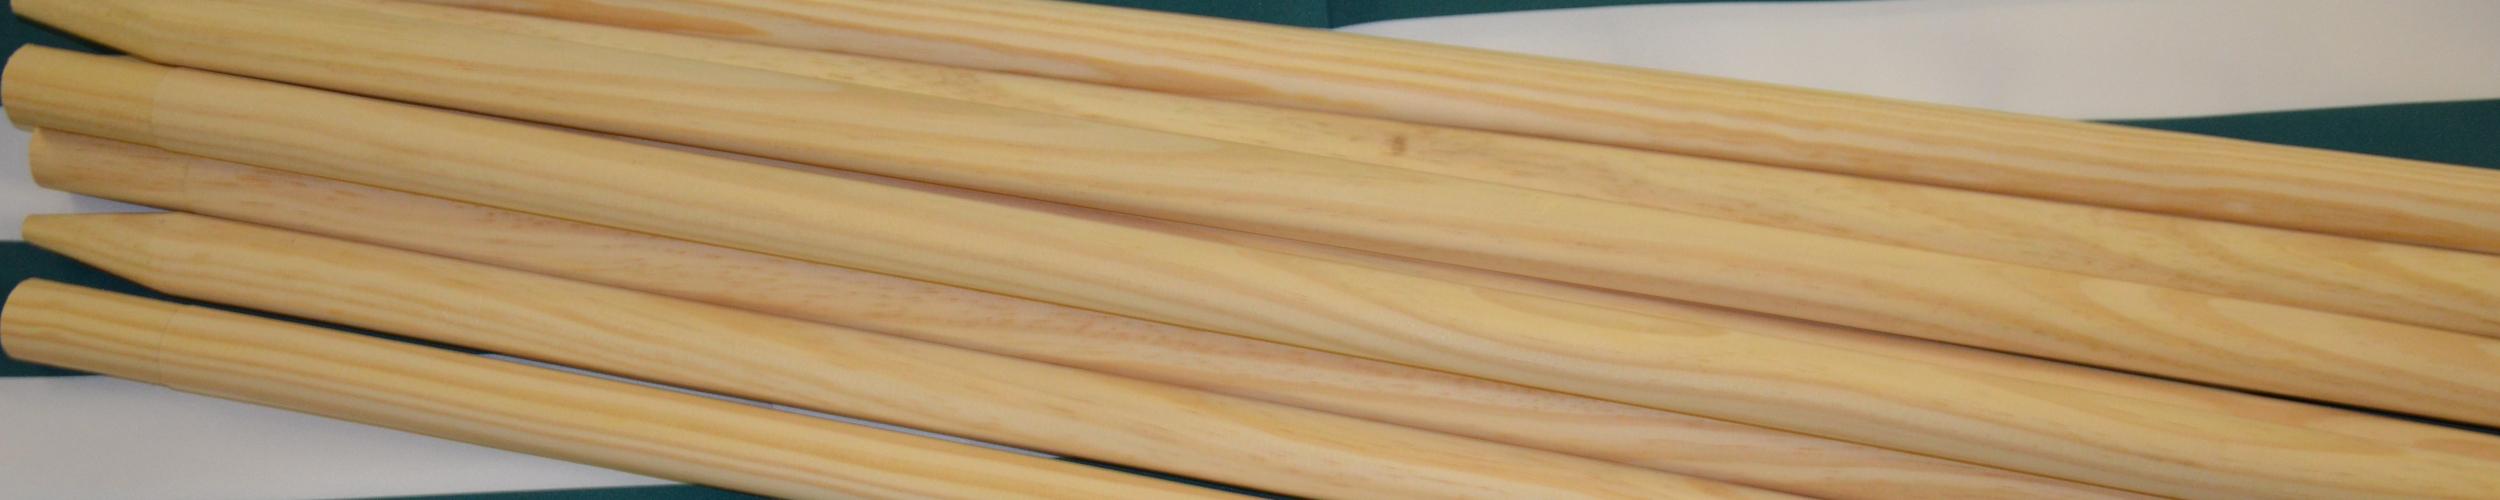 Windscherm Groen/Wit 5 meter, Stockactie nummer 70